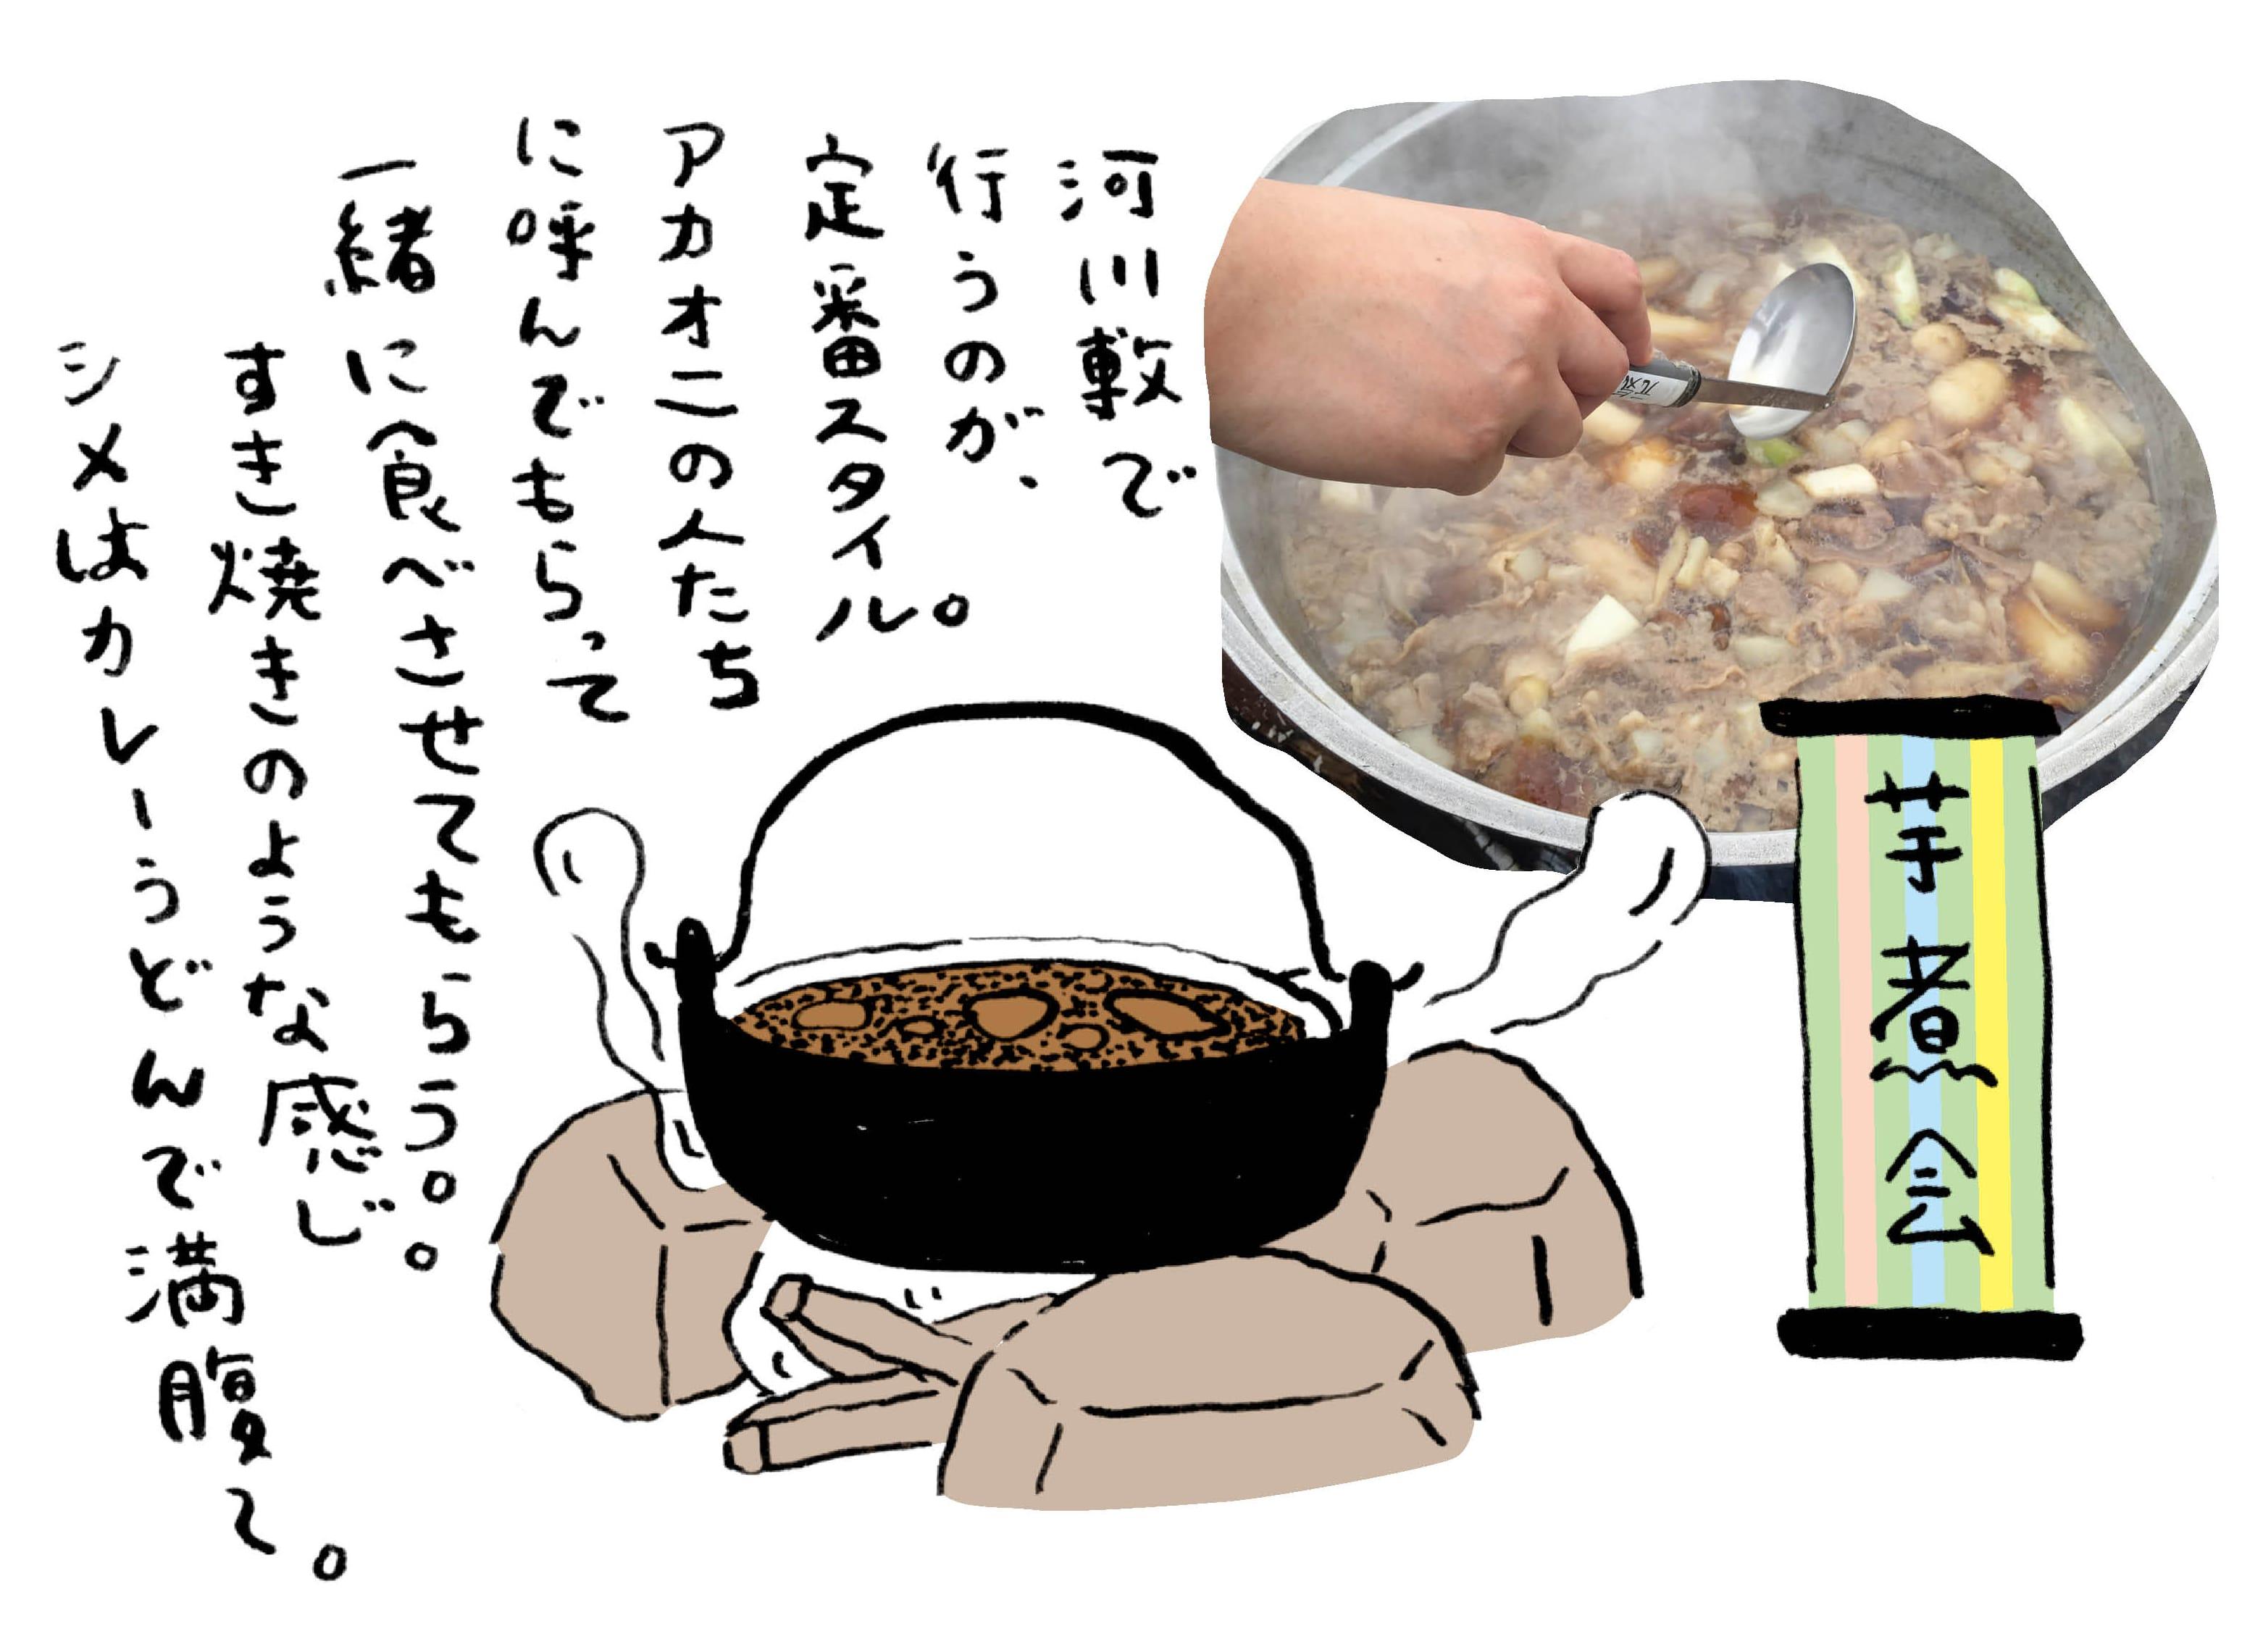 hinagata_yamagata_2-3